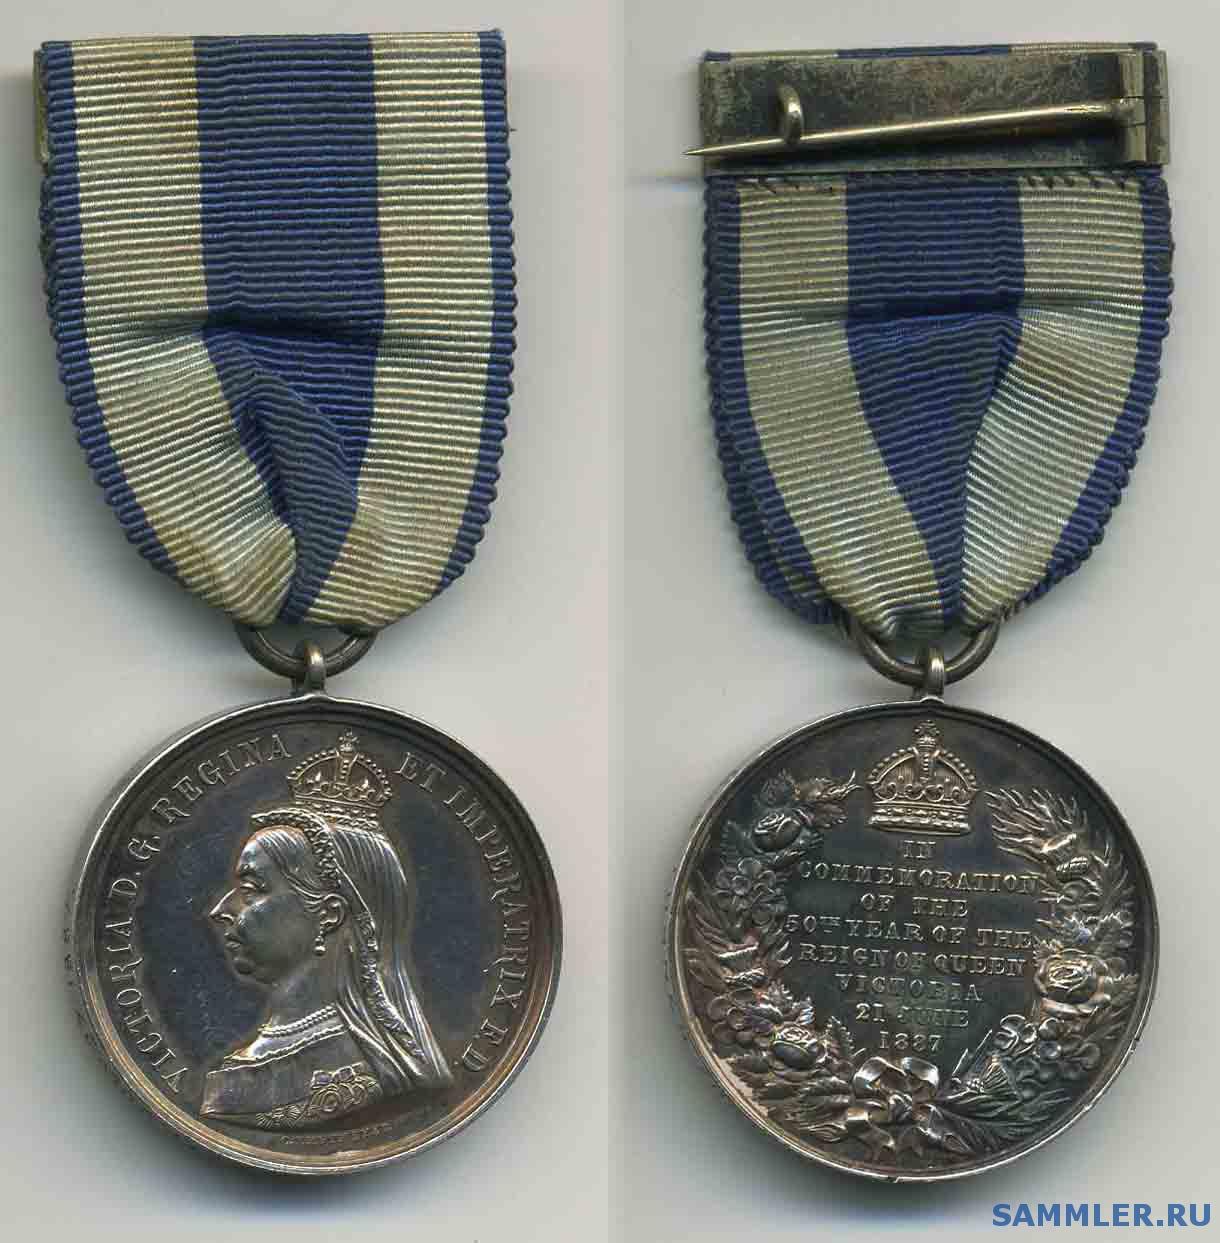 Jubilee_Medal_1887__V_.jpg